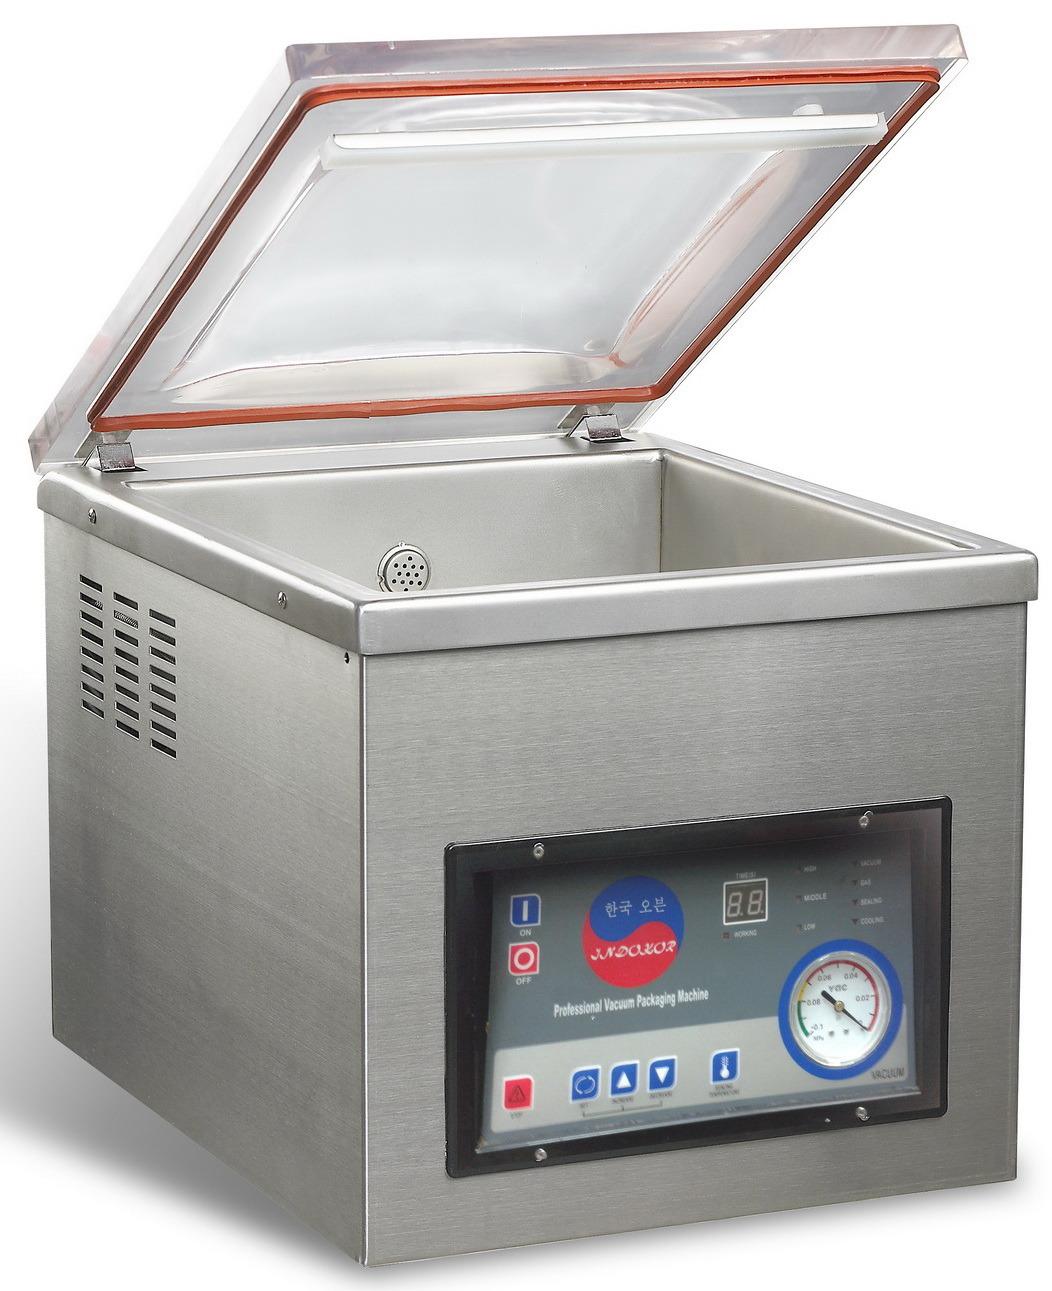 Аппарат упаковочный вакуумный indokor ivp 350ms пояс массажер с пультом